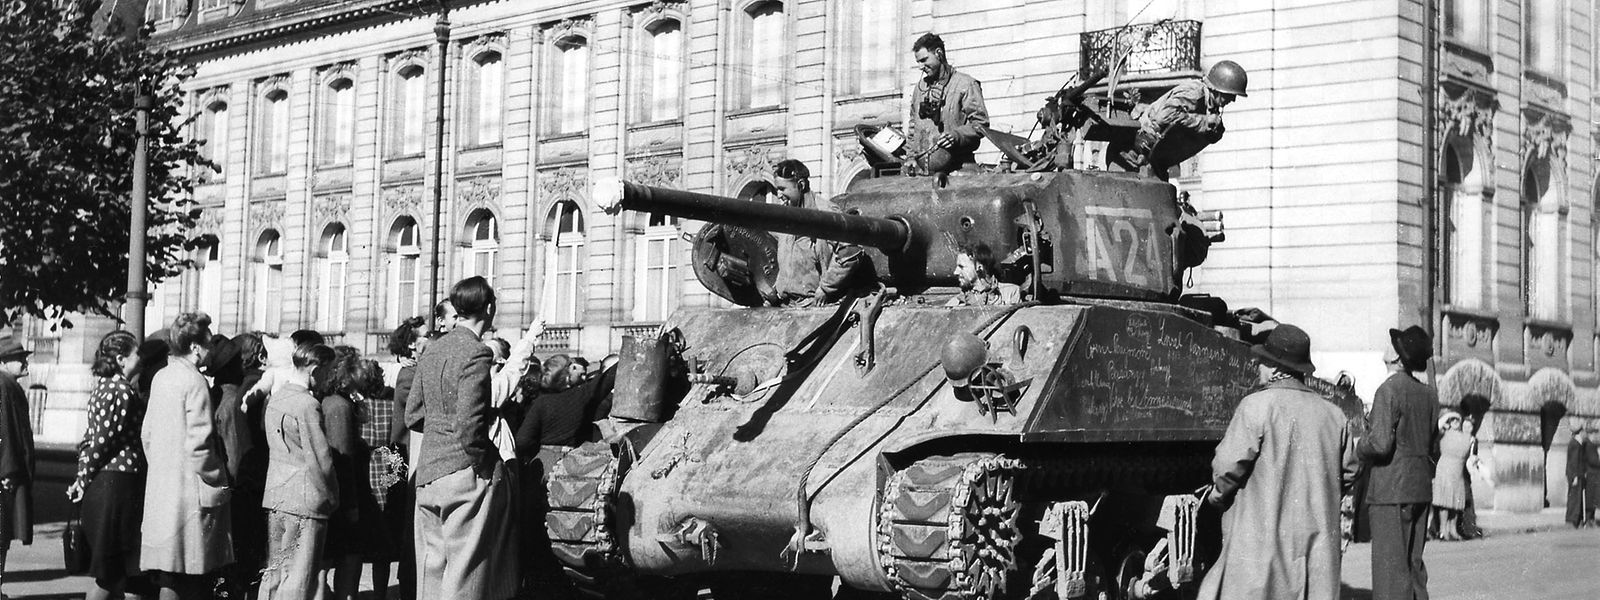 Amerikanische Soldaten werden vor dem ehemaligen Arbed-Hauptgebäude von der Bevölkerung begrüßt.